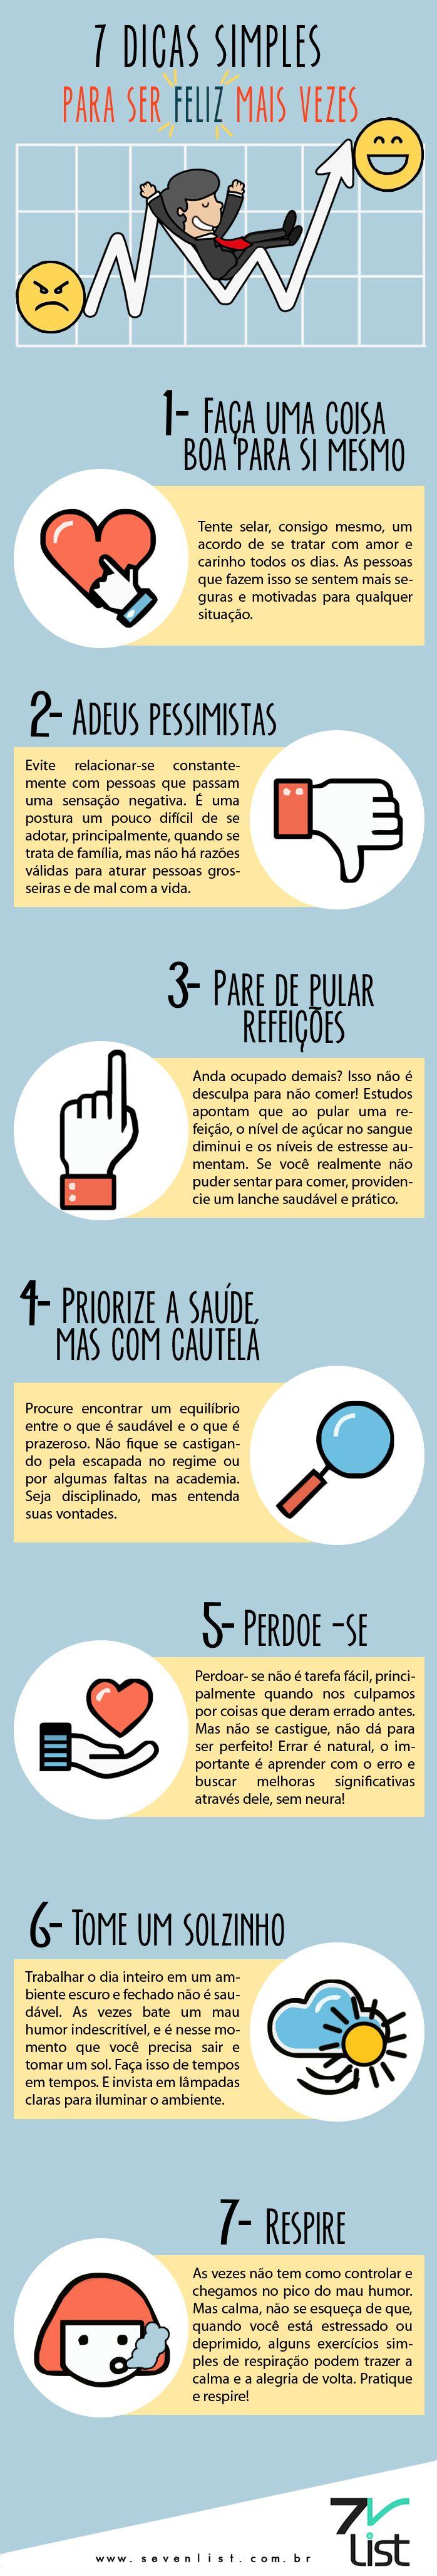 #infográfico #infographic #design #dicas #feliz #serfeliz #stress #pessimistas #refeição #saúde #perdão #amor #sol #ar #respirar #bem-estar www.sevenlist.com.br